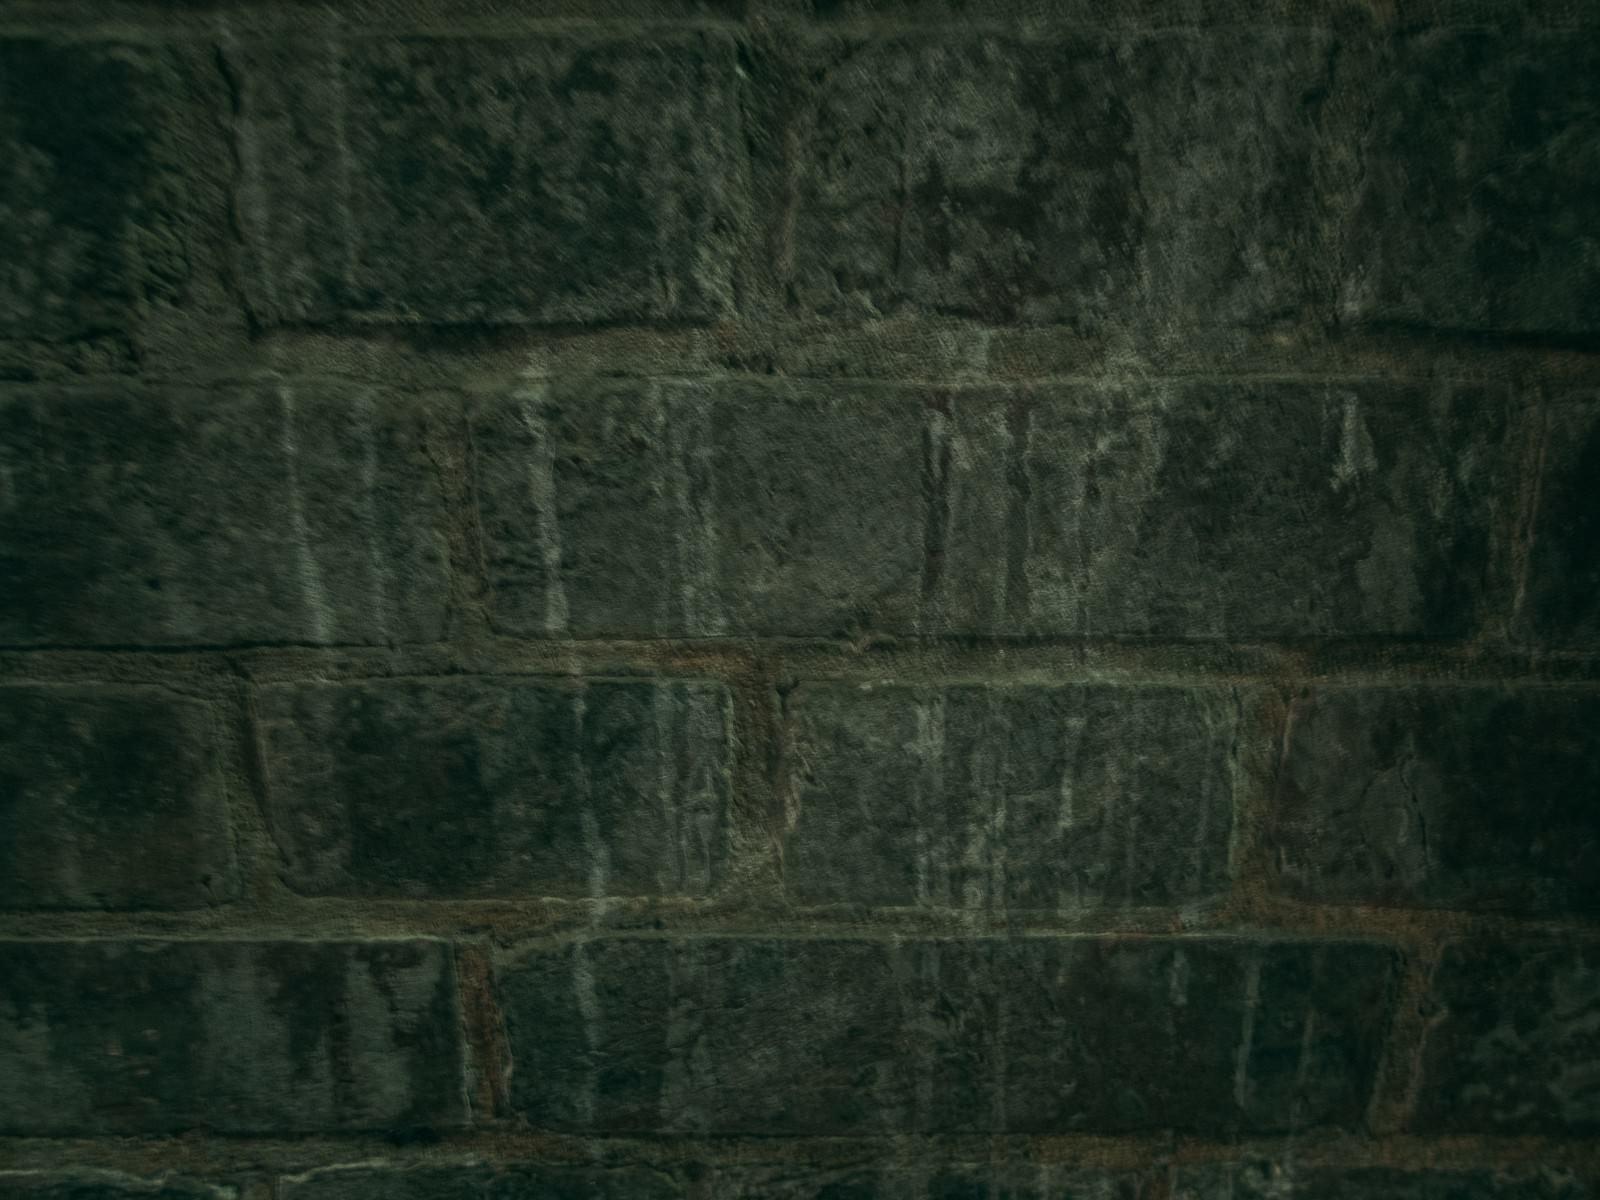 「シミが残る石レンガの壁」の写真